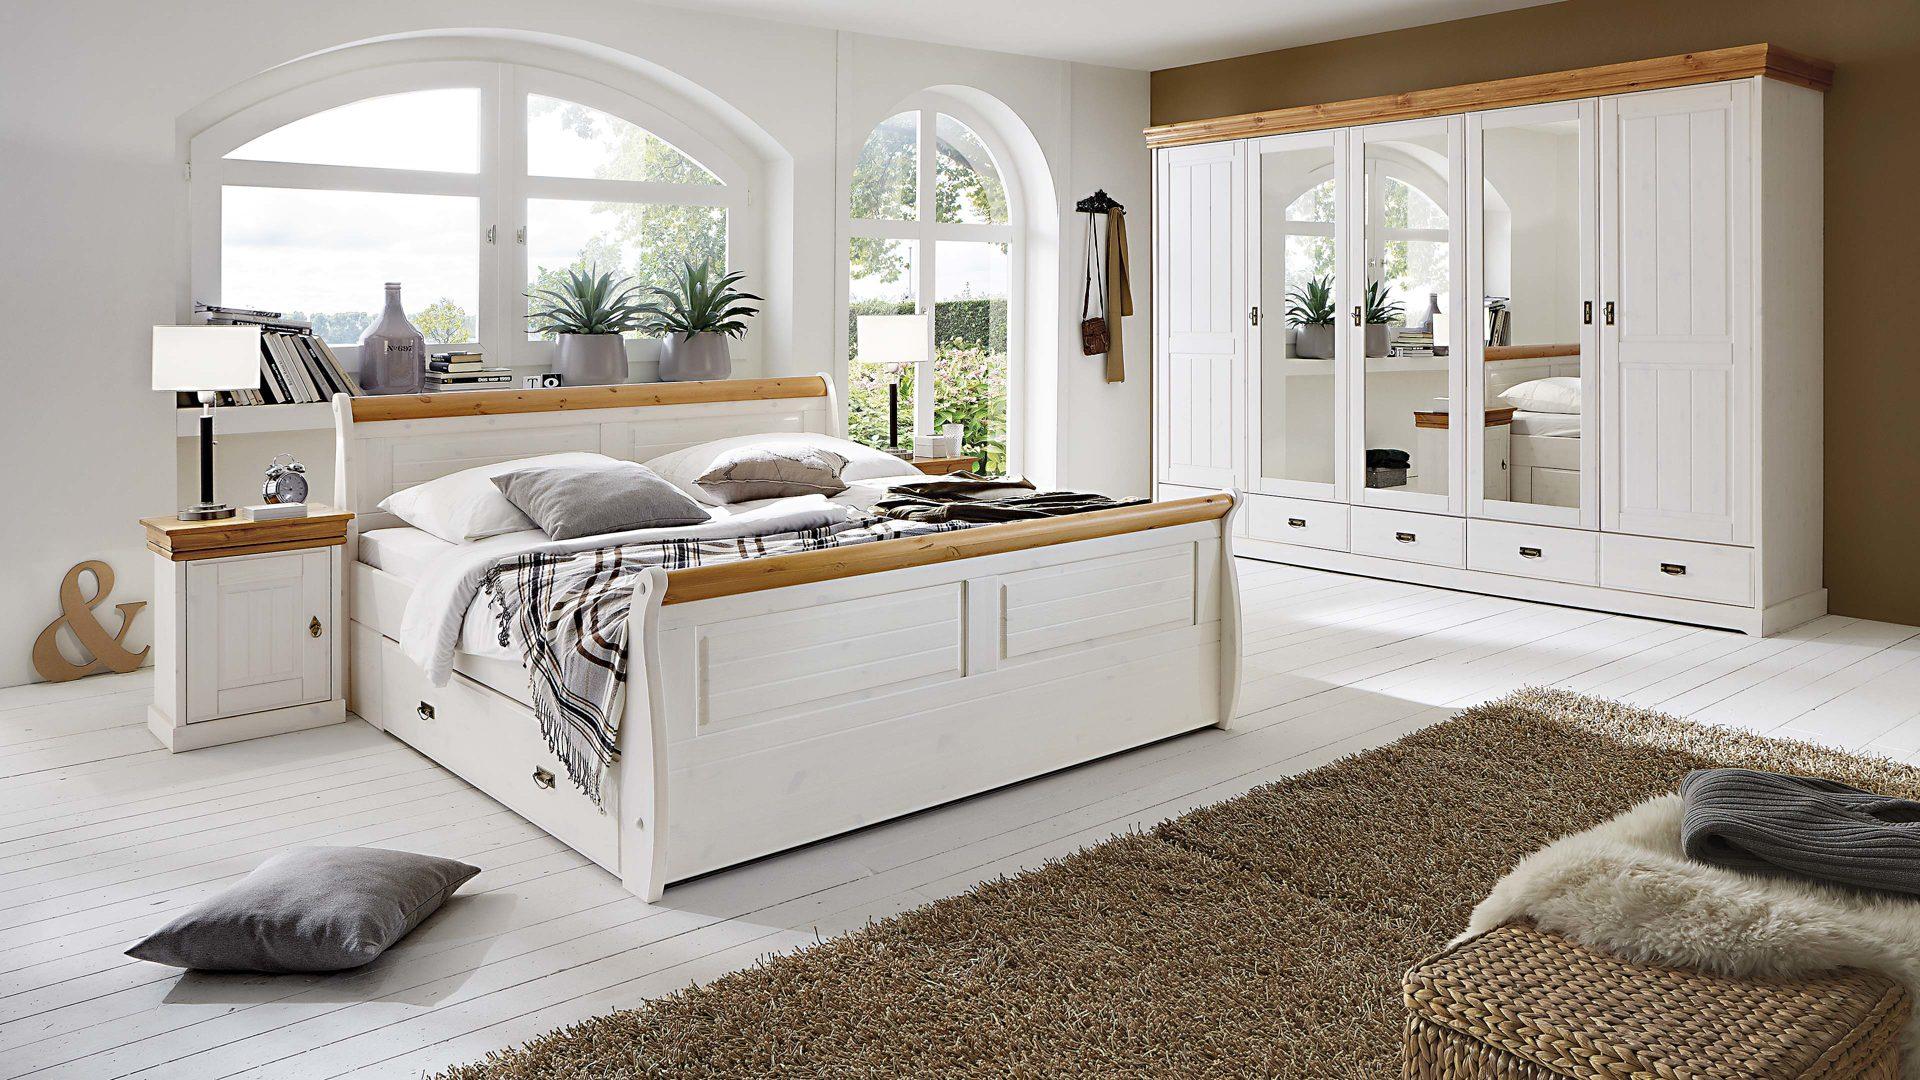 Schlafzimmer Landhaus Weiß Komplett